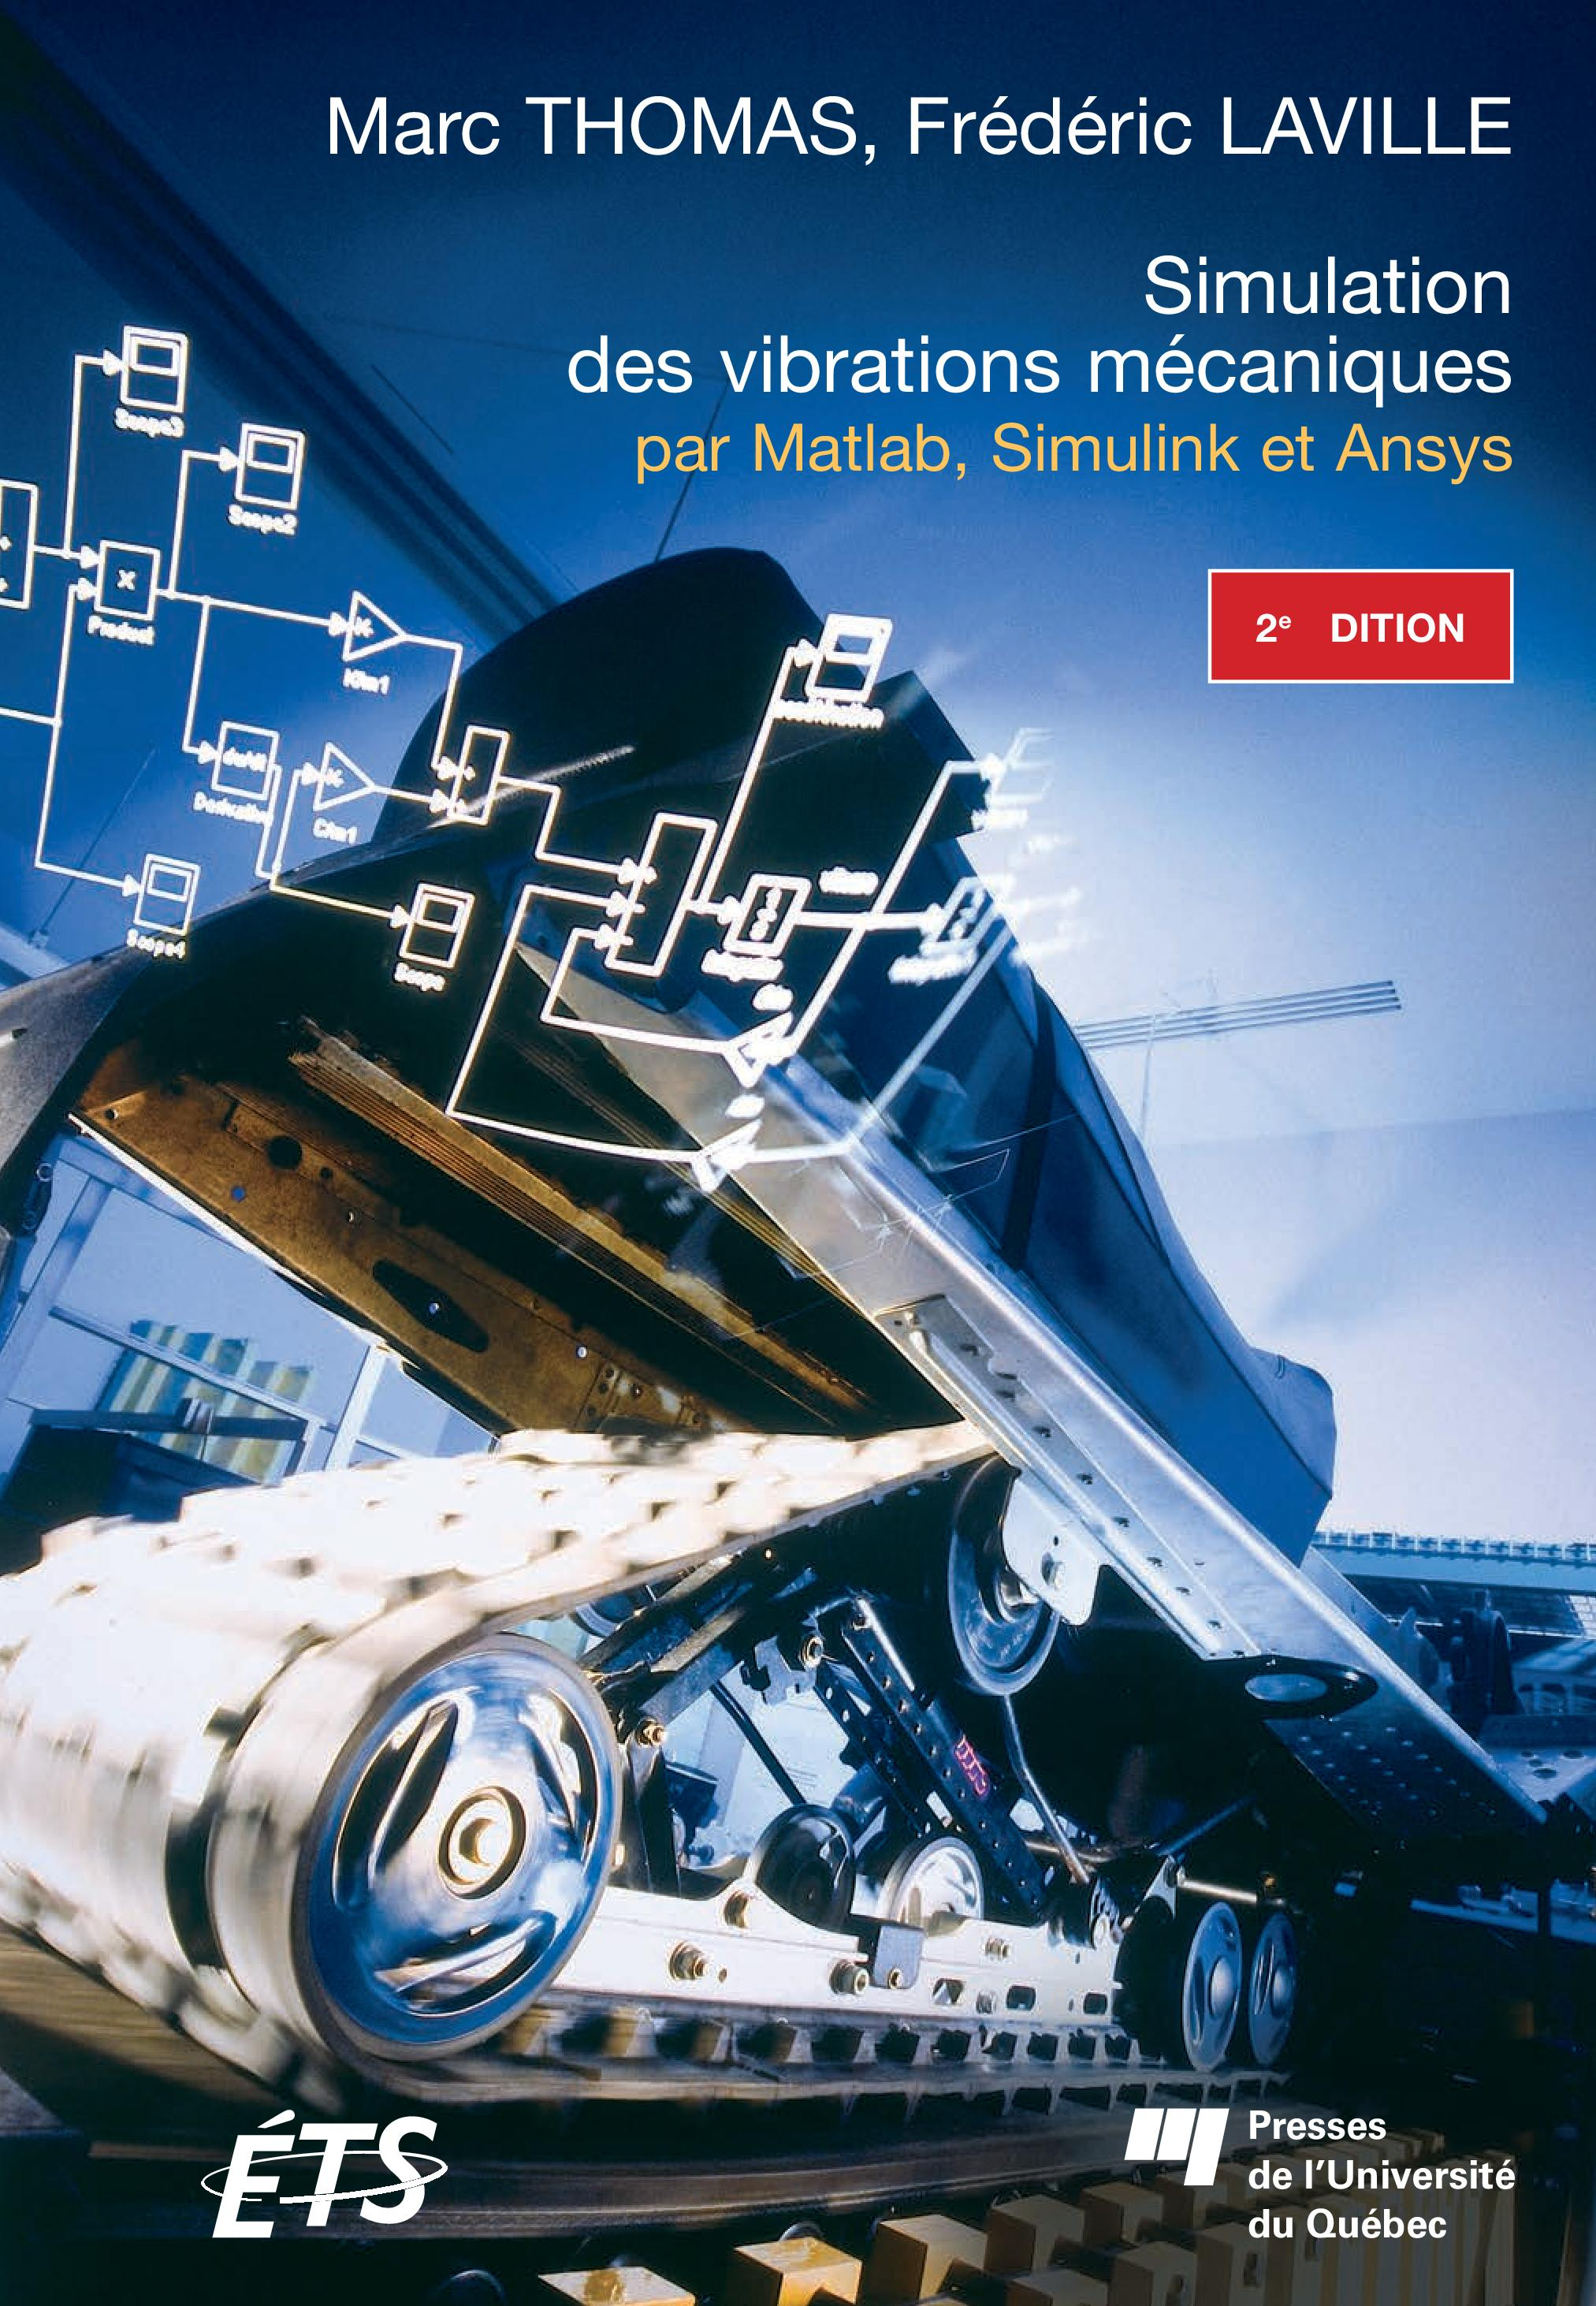 Simulation des vibrations mécaniques, 2e édition